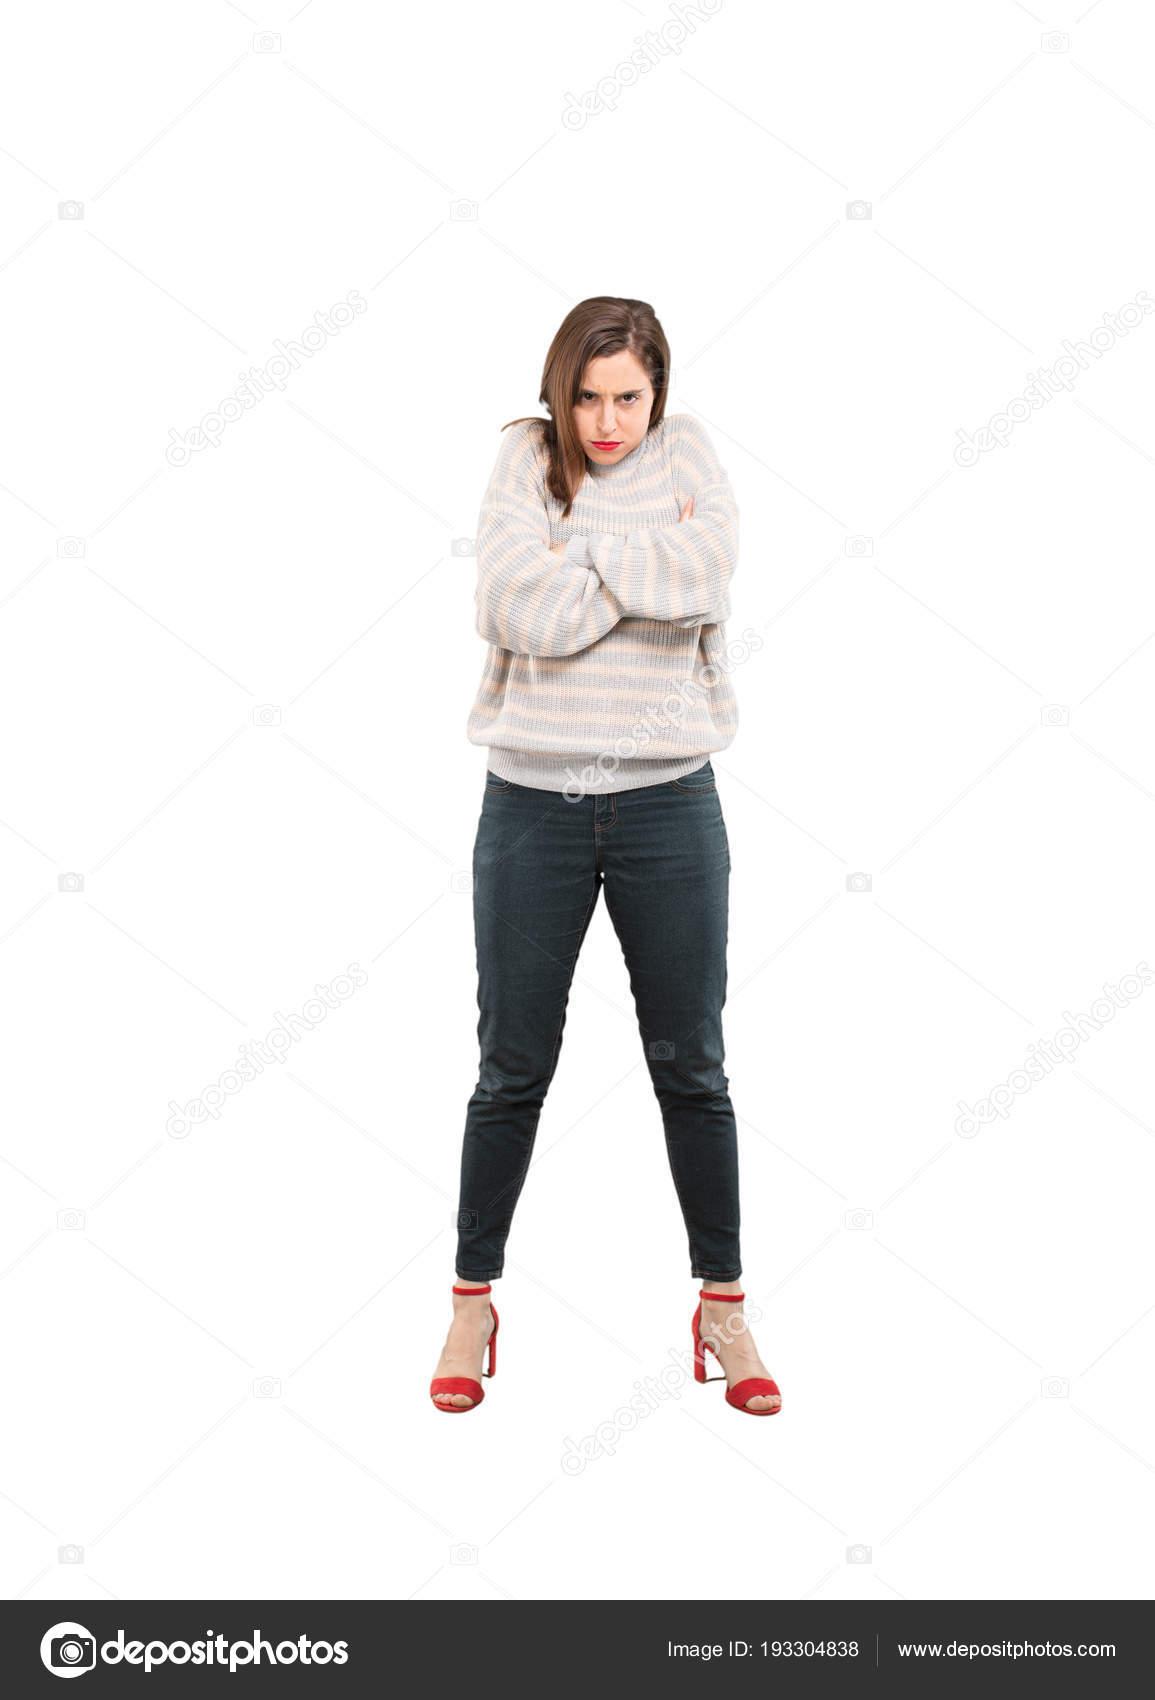 Mujer Bonita Joven Con Expresión Enojada Persona Recorte Cuerpo